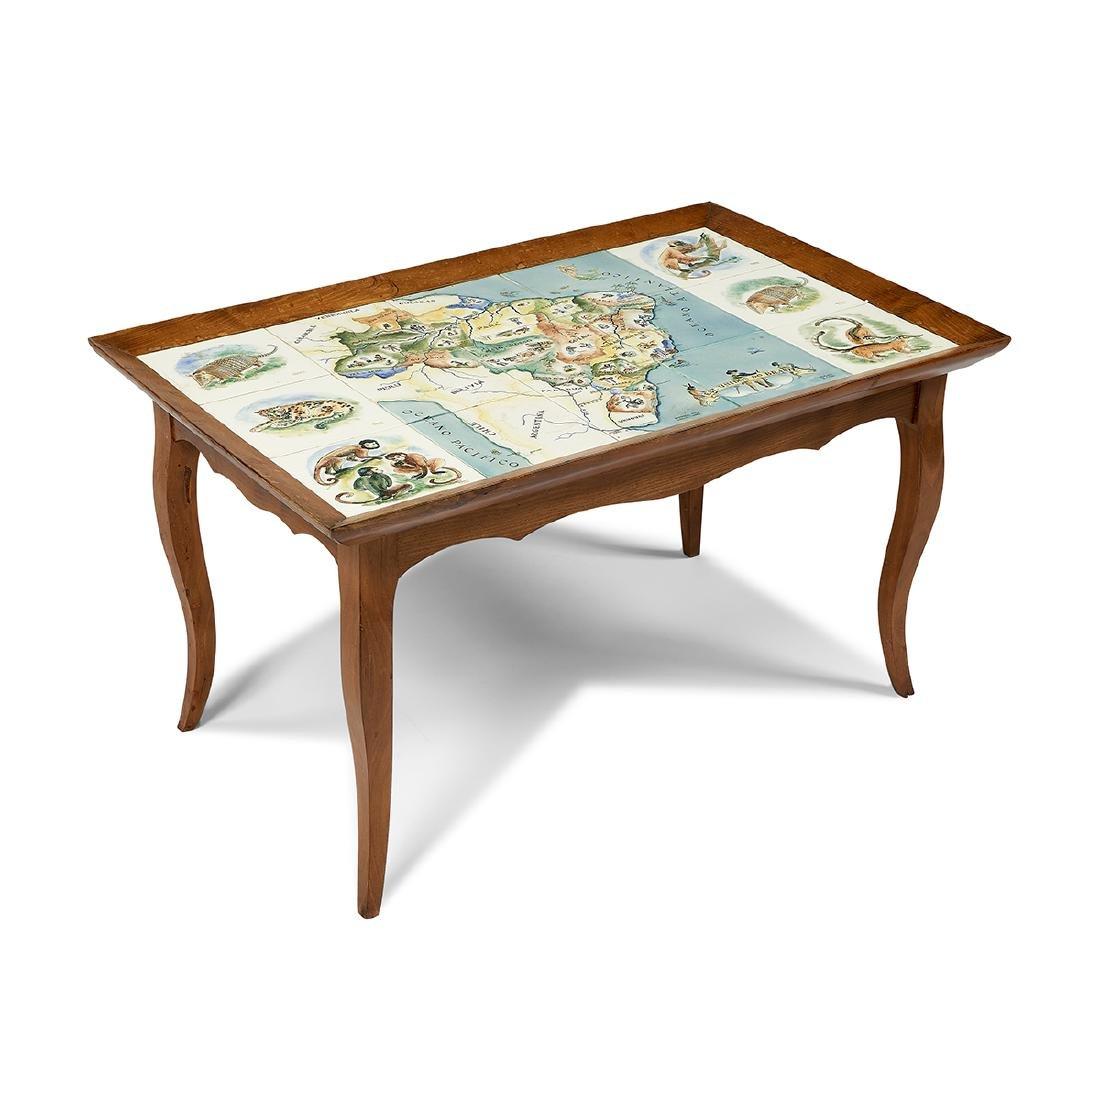 Hilde Weber for Osirarte Map of Brazil table